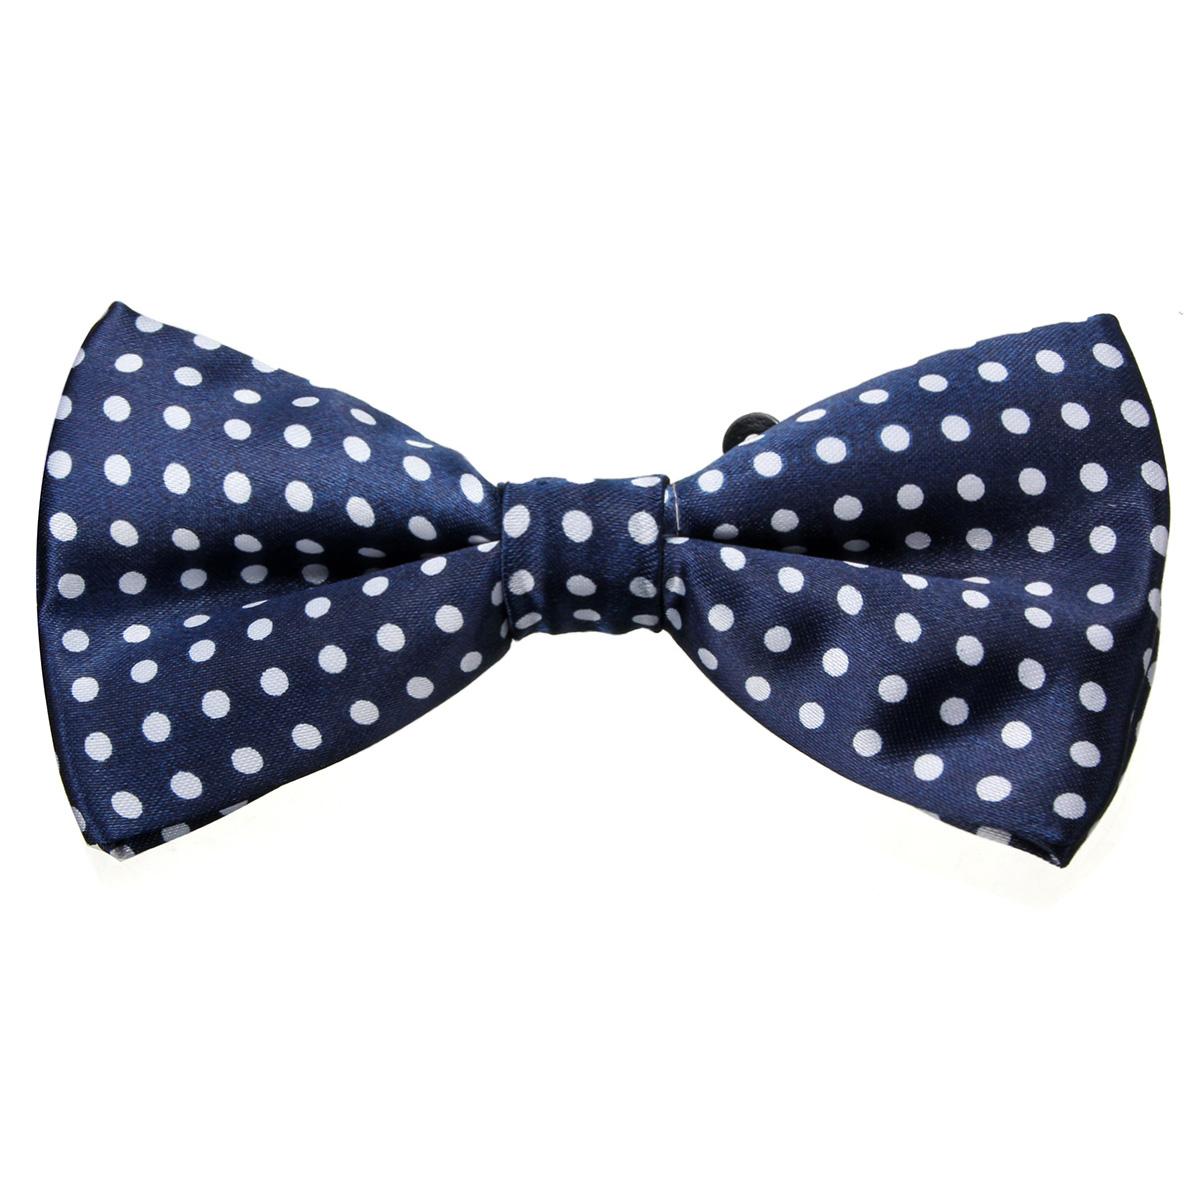 Men Male Dacron Tuxedo BowtiE Classic Wedding Party Bow Tie Necktie Suit Accessories